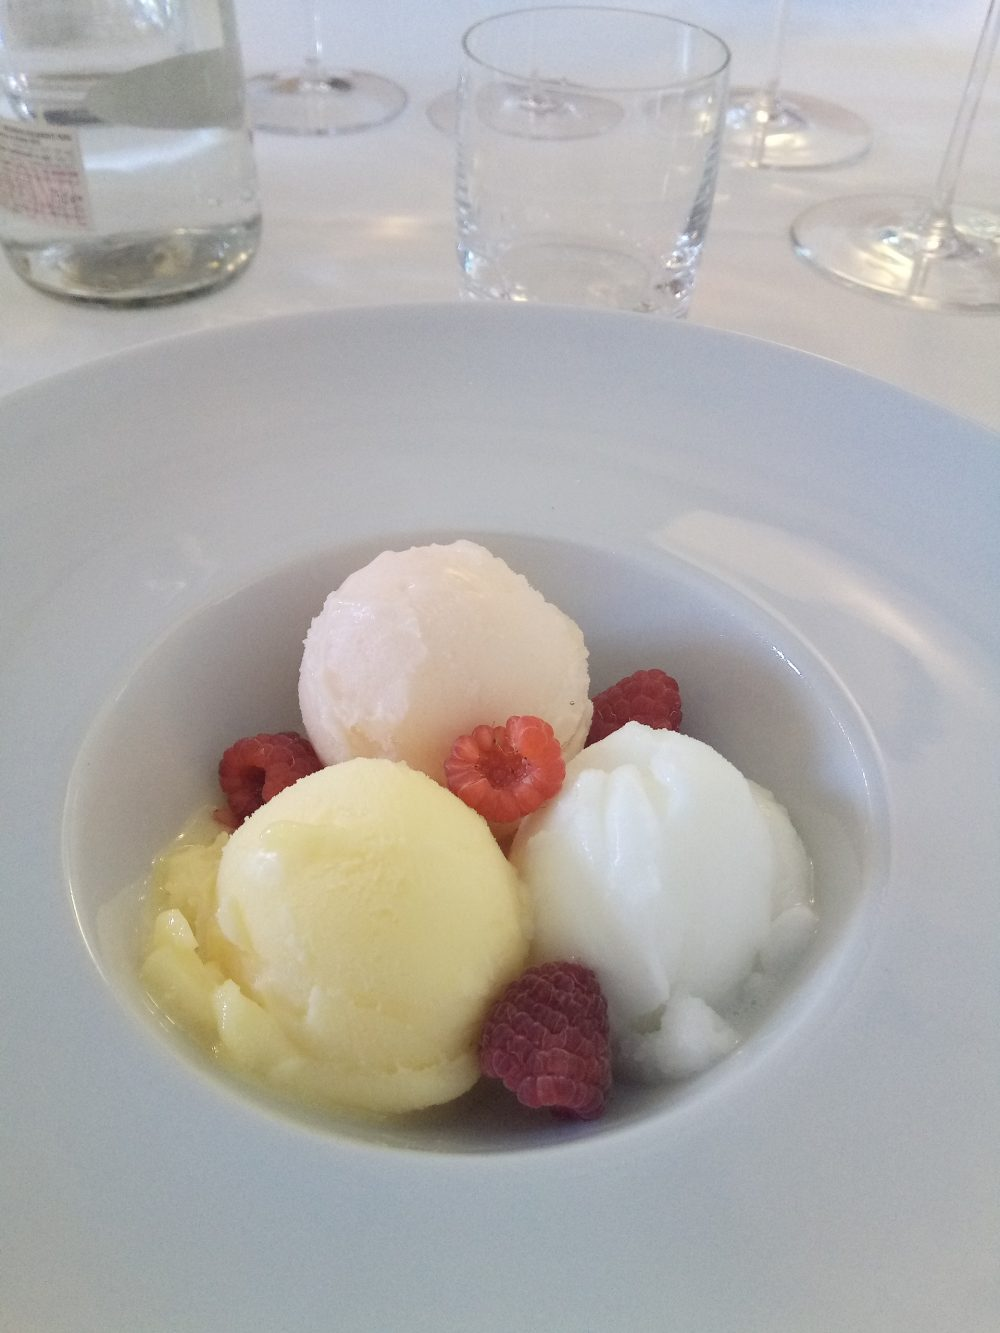 Trattoria Visconti, Palline di gelato con lamponi